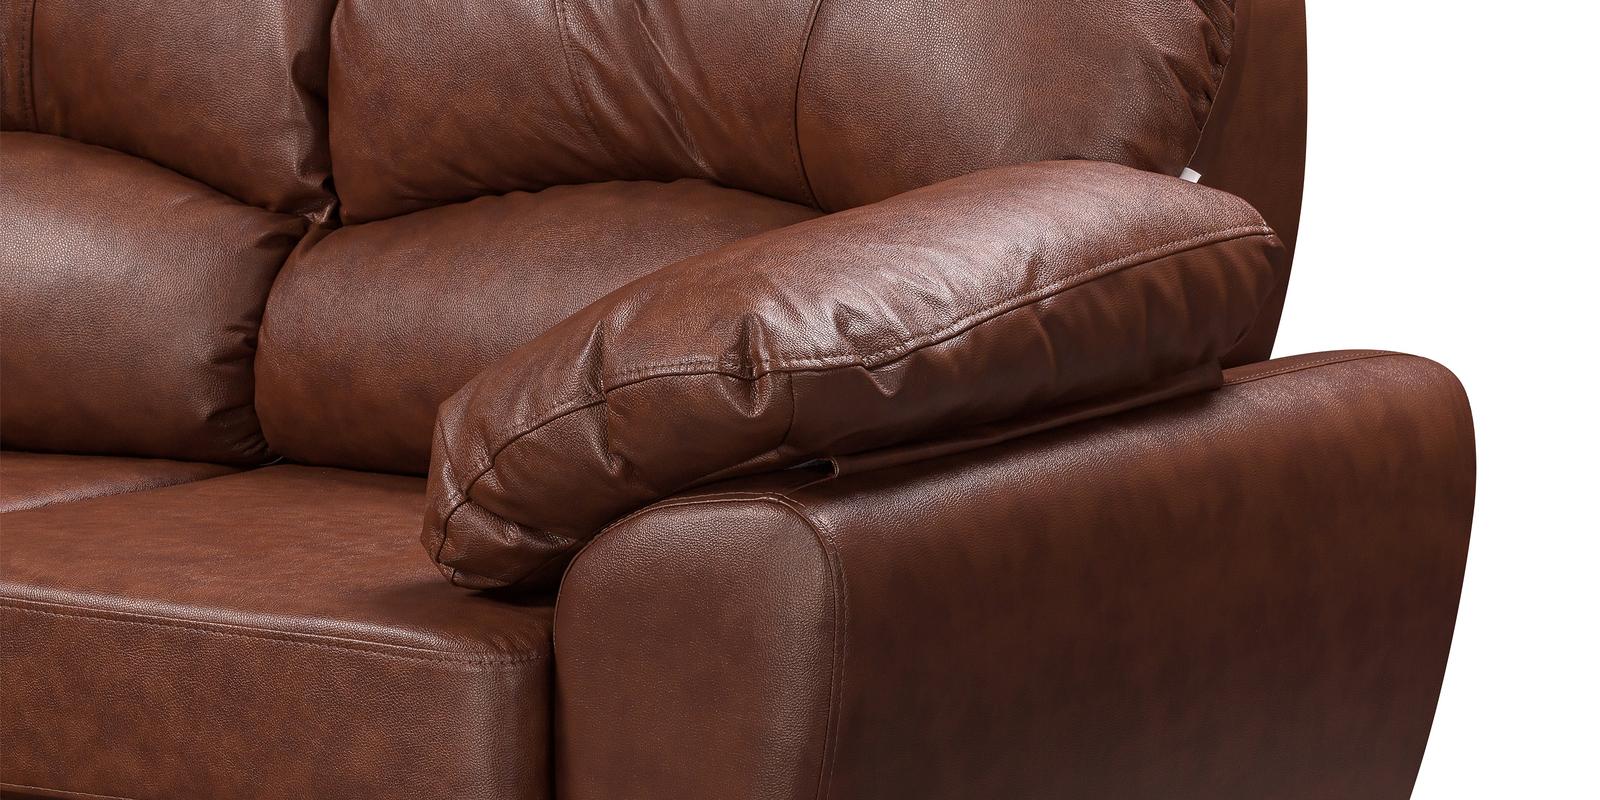 Диван кожаный угловой Эвита Коричневый (Натуральная кожа, правый)